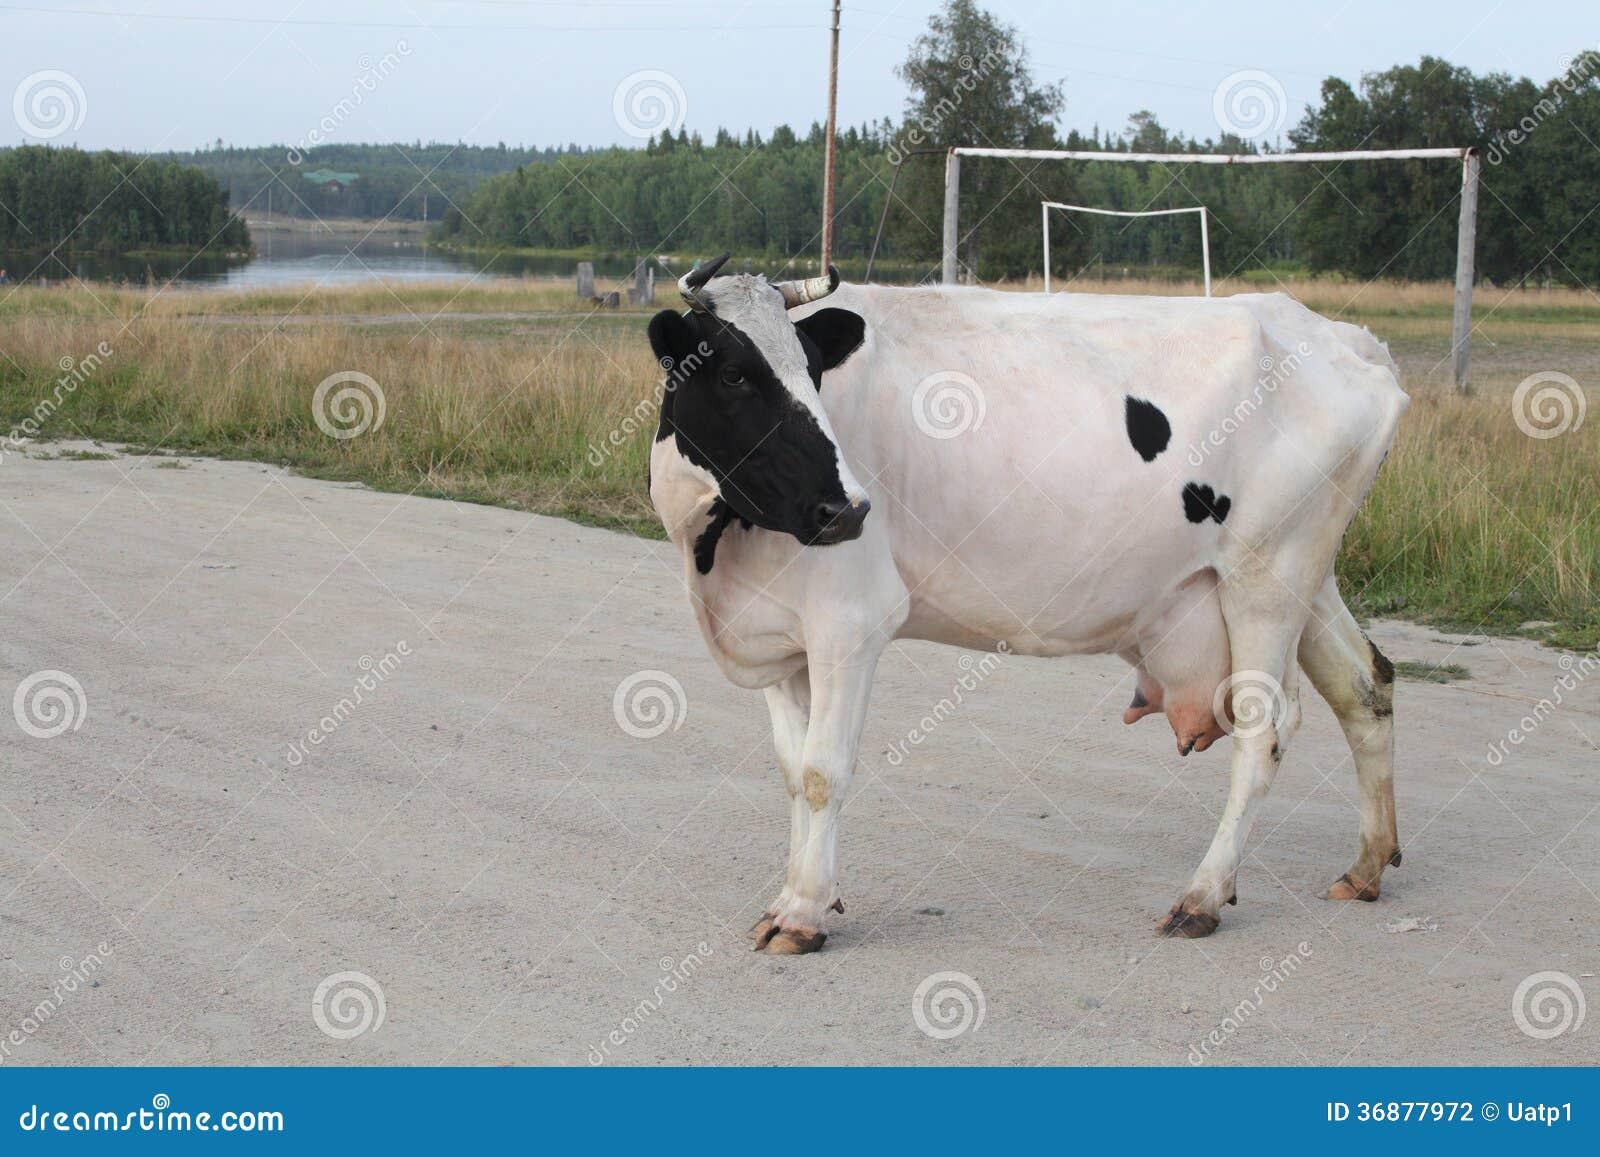 Download Mucca fotografia stock. Immagine di bestiame, bestiami - 36877972